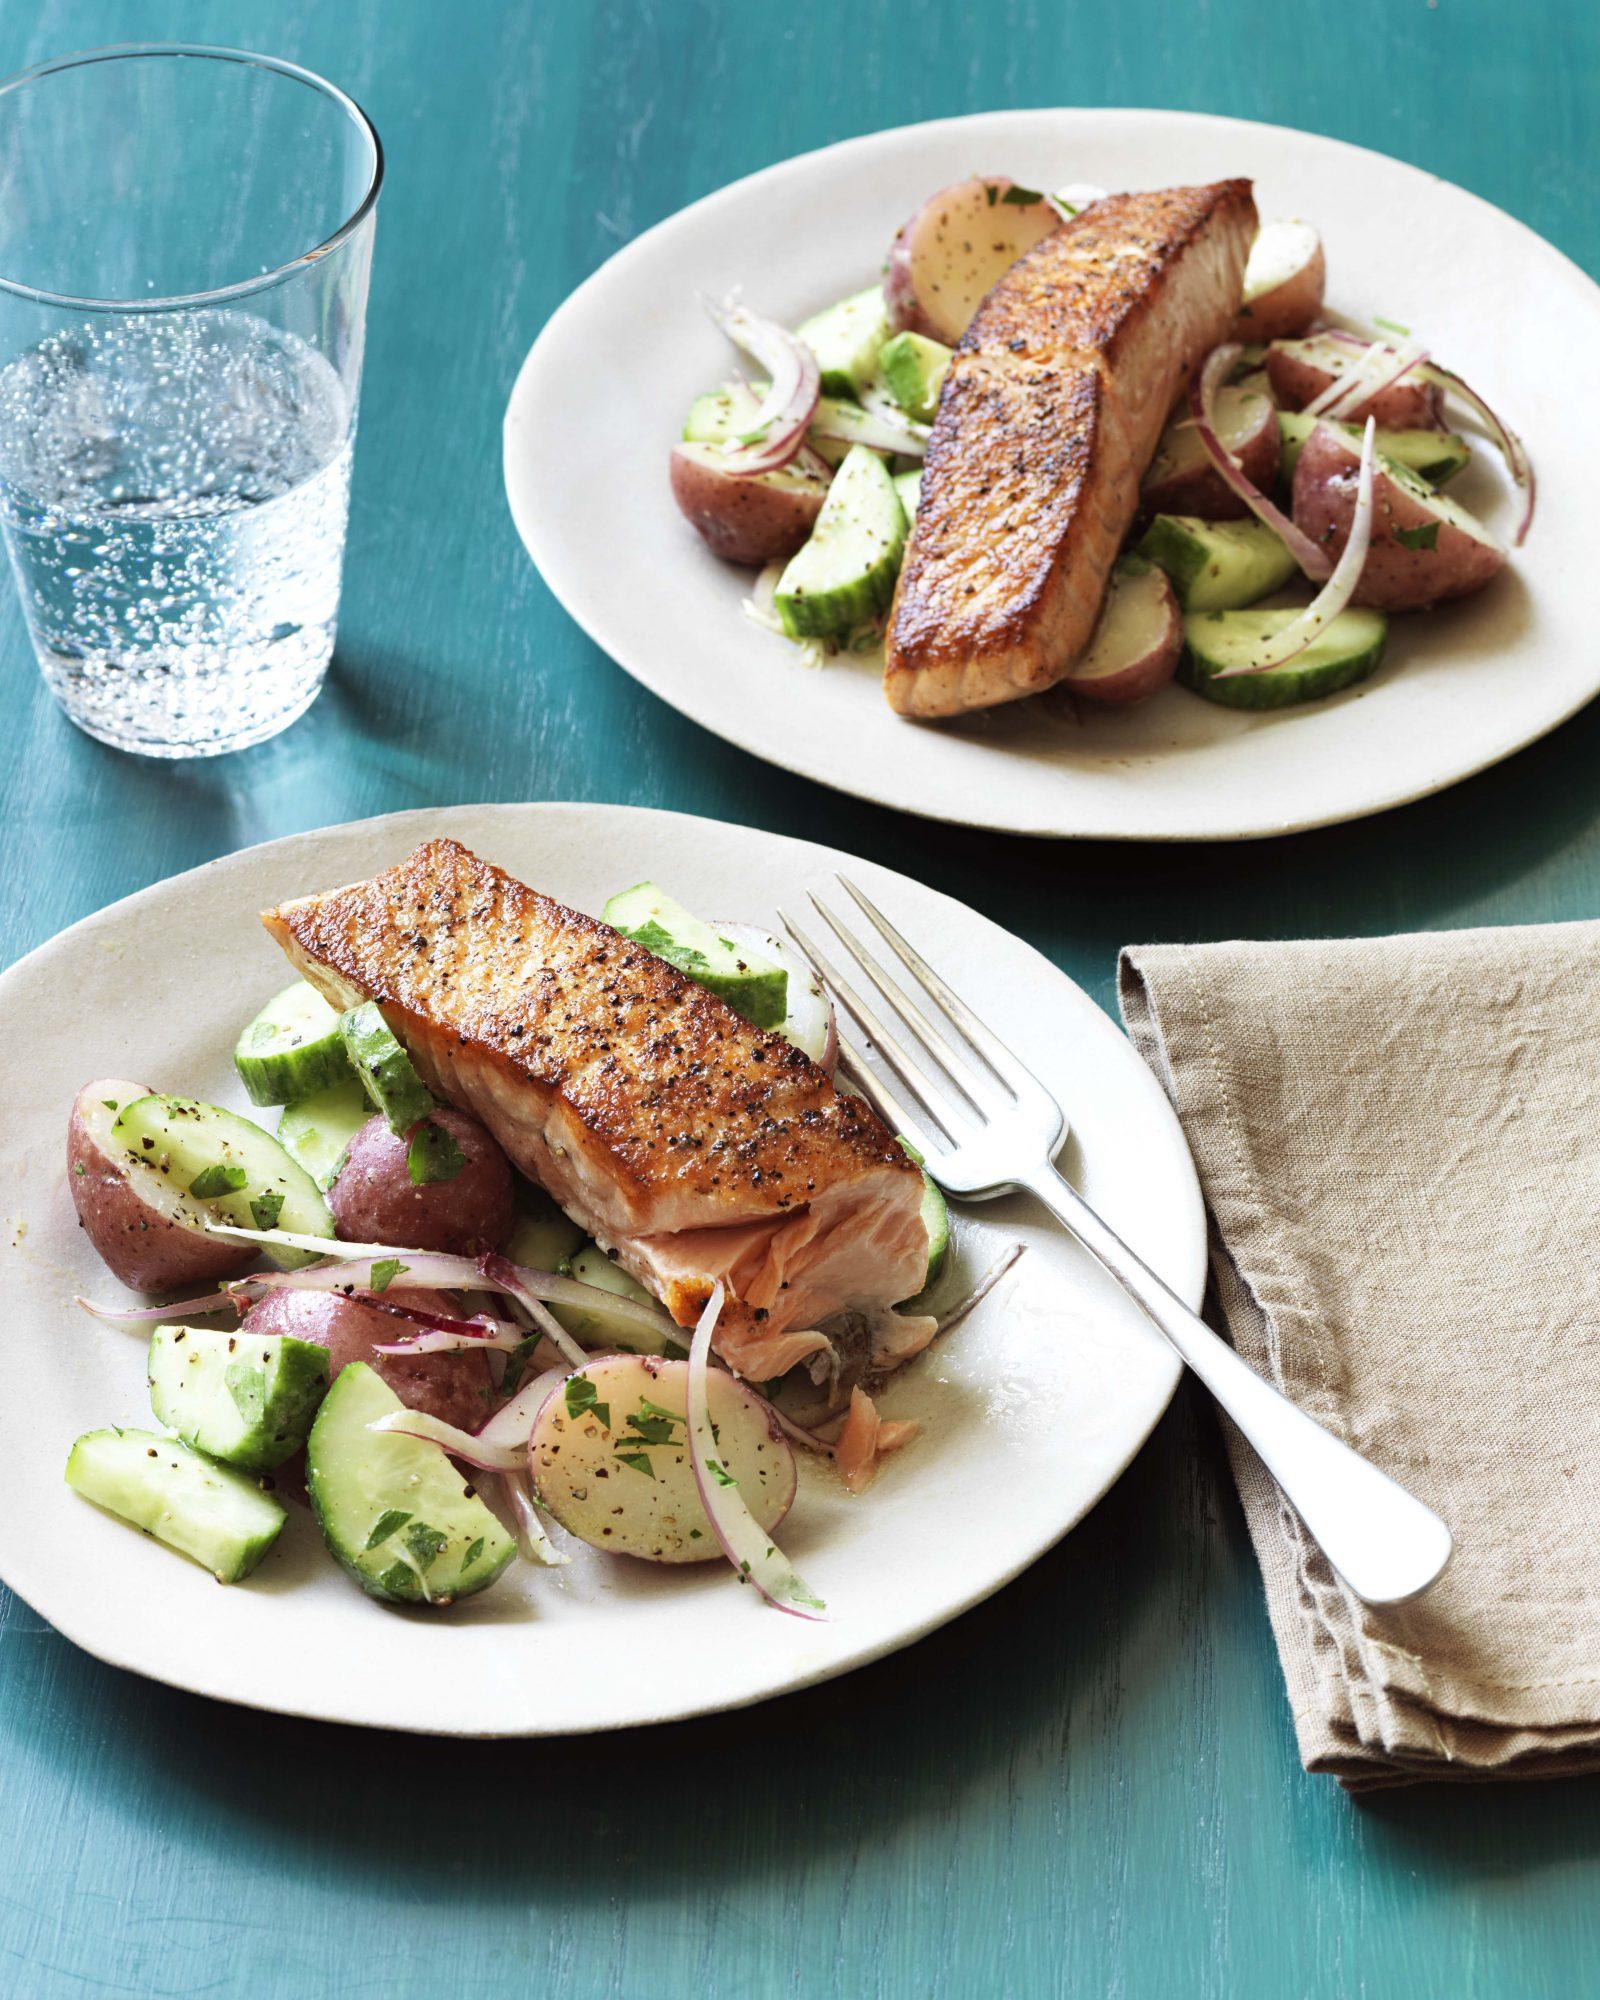 Pan-Seared Salmon with Potato & Cucumber Salad